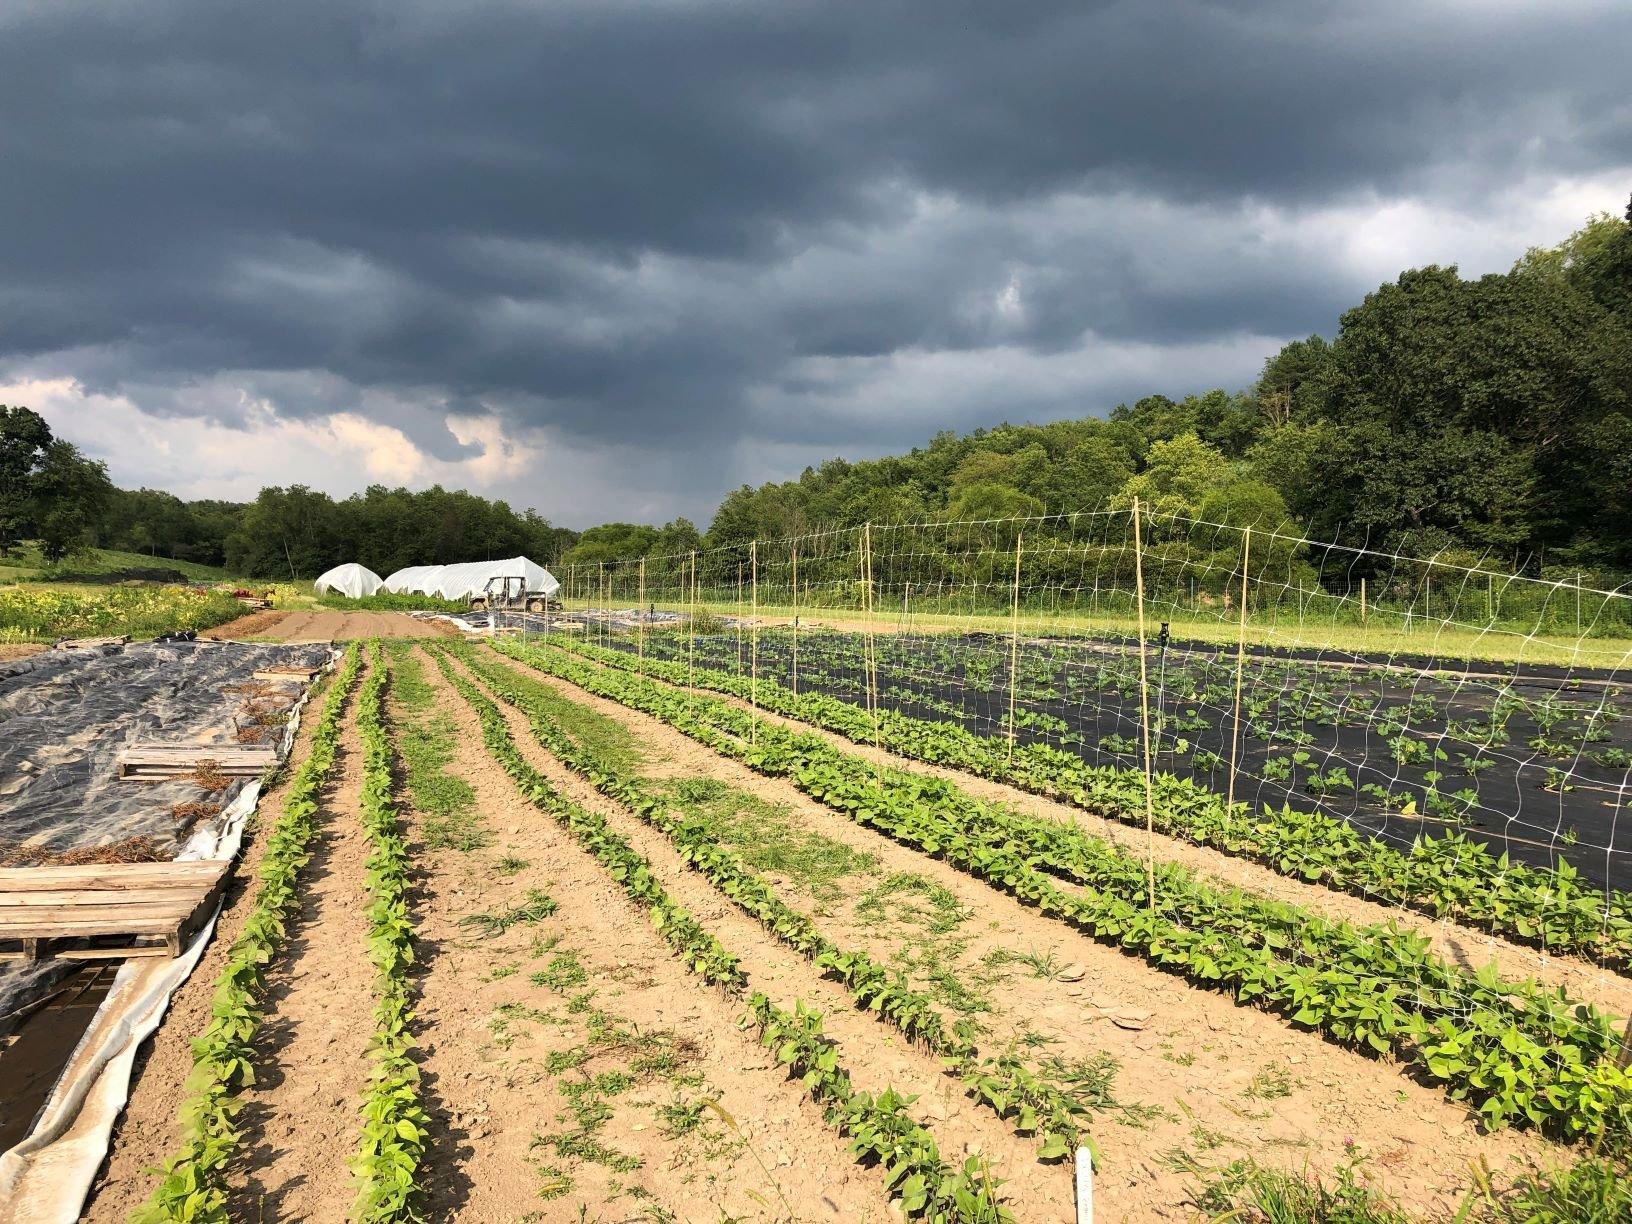 Previous Happening: Farm Happenings for August 27, 2019 (week 12)